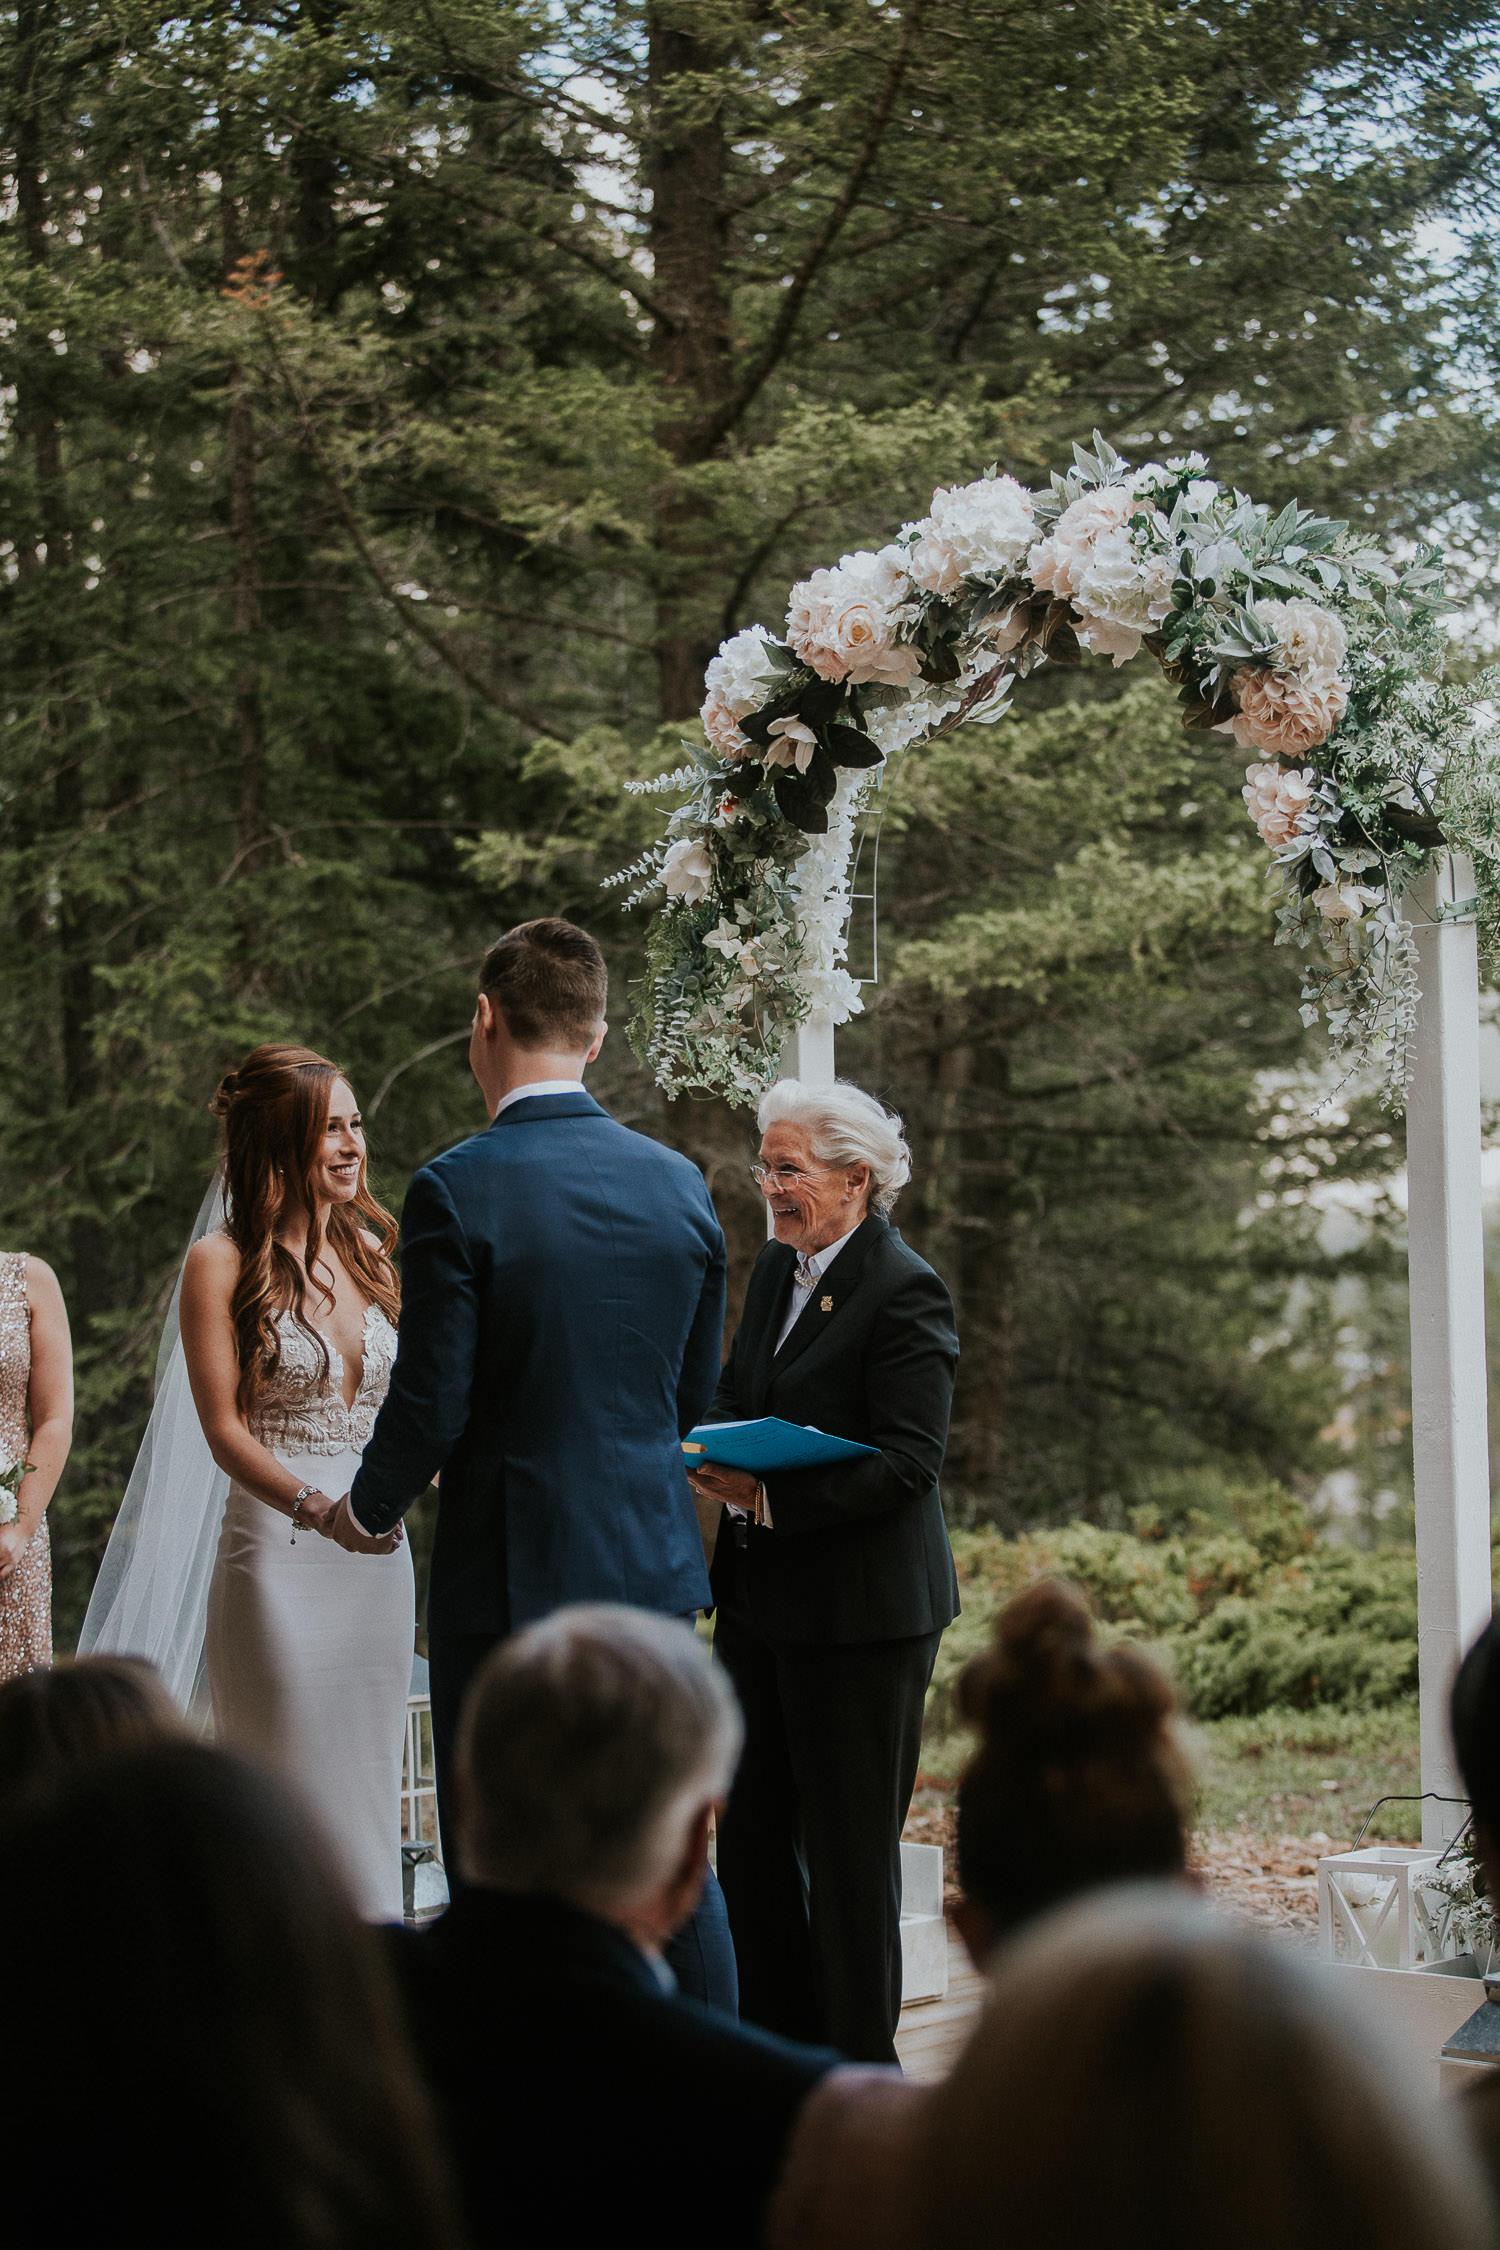 stewart-creek-wedding-sarah-pukin-253